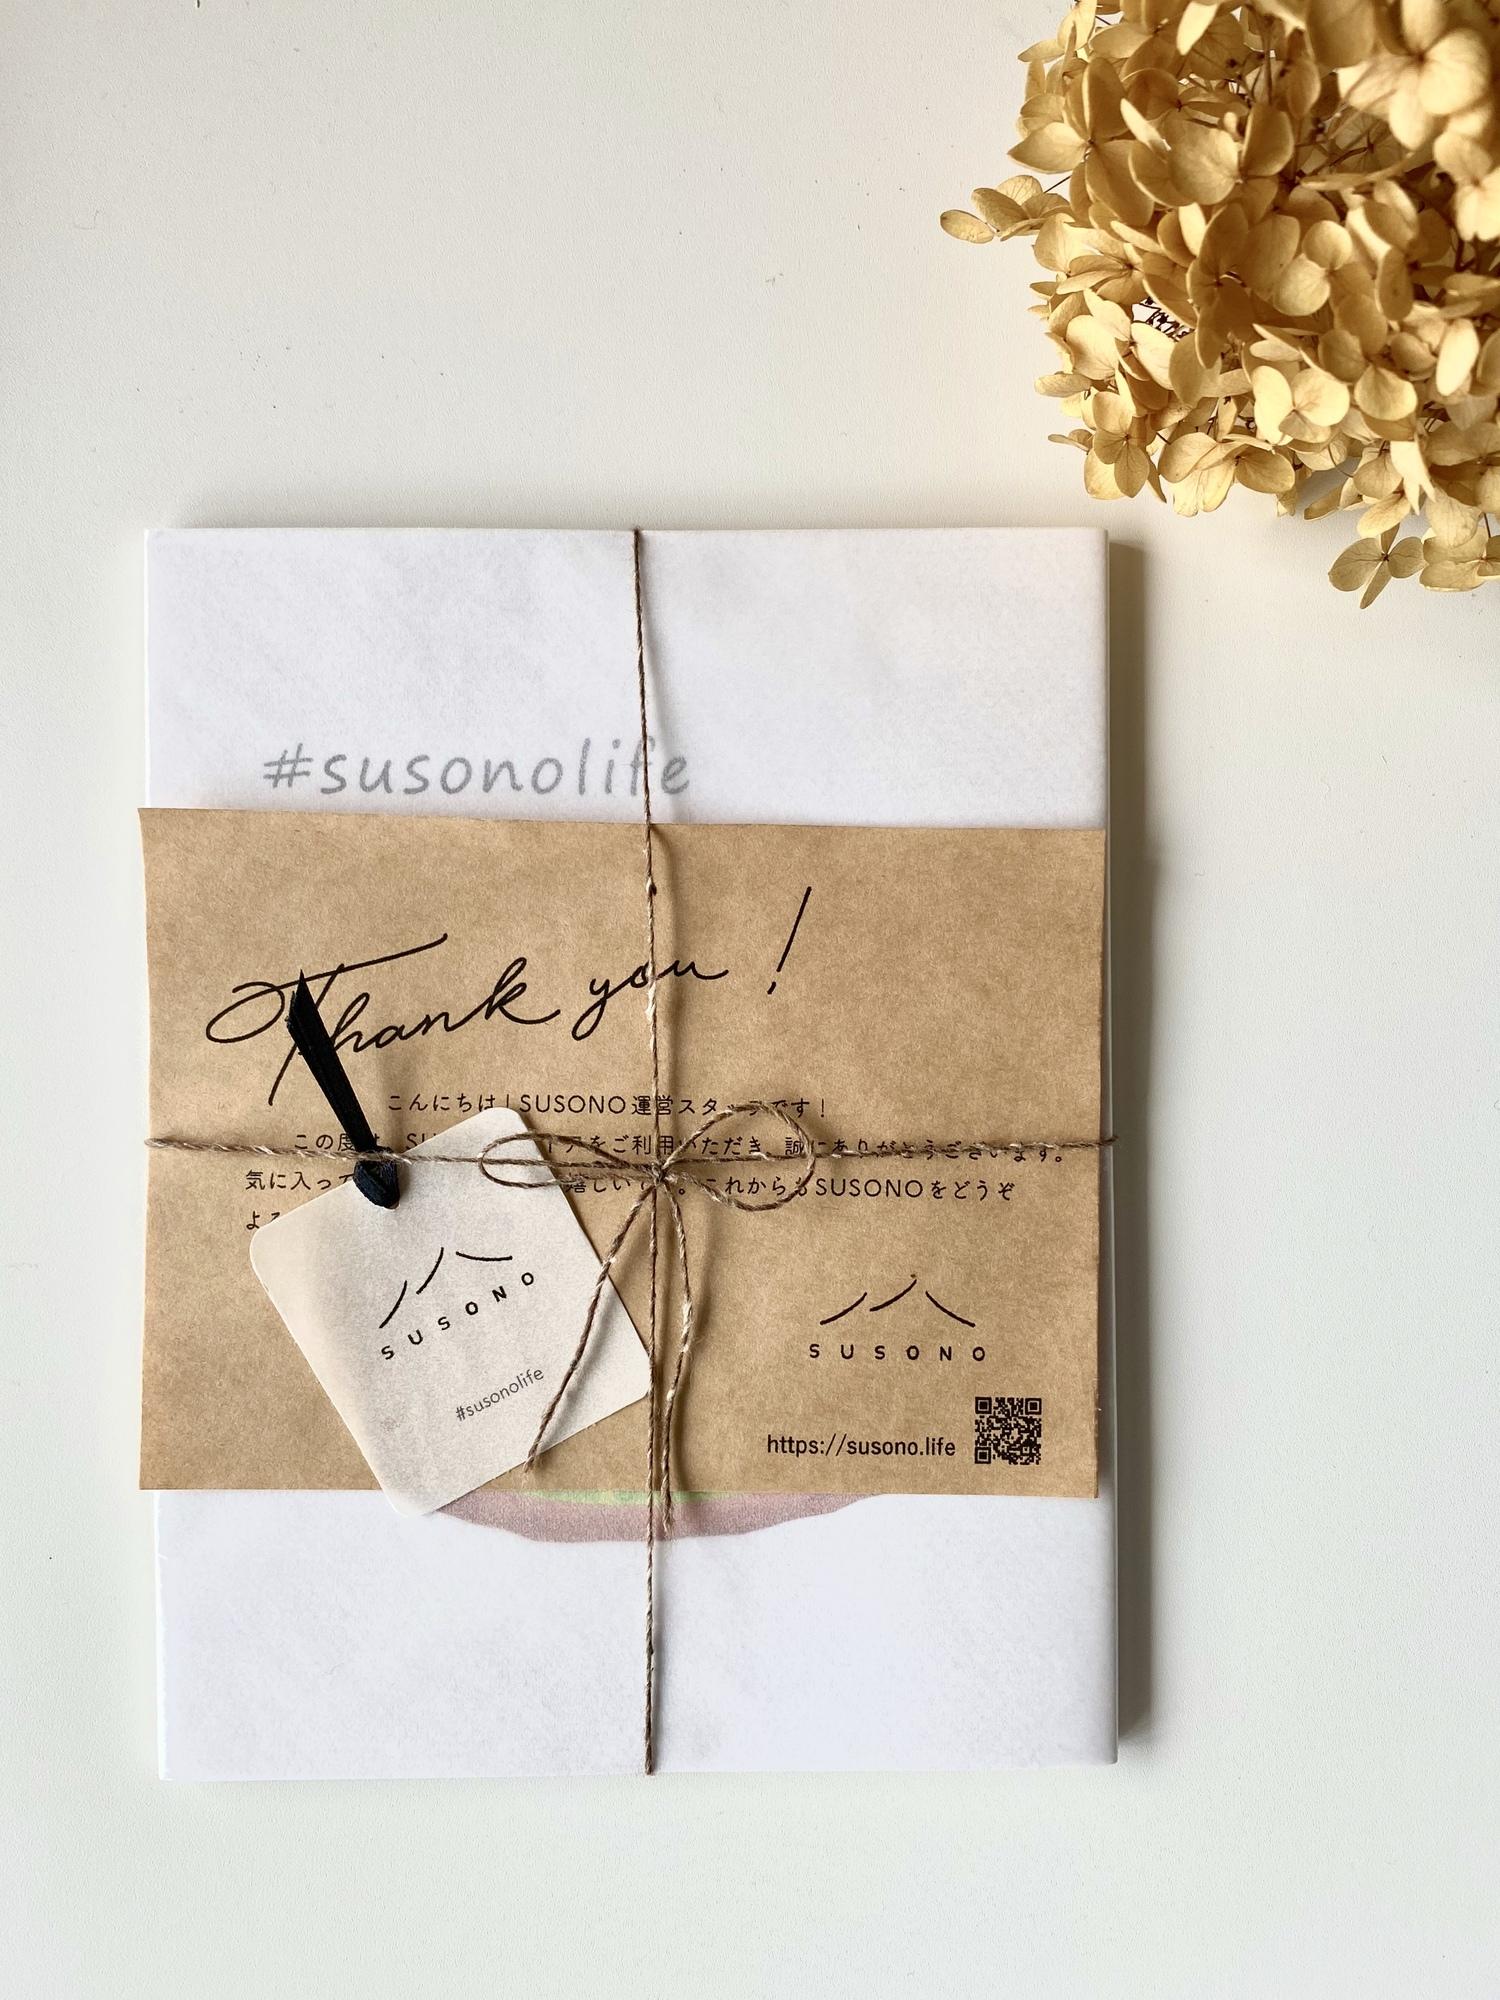 このような梱包でお送りしています!このような梱包でお送りしています!SUSONOストア利用の方には、小さなしおりもお届けしています。